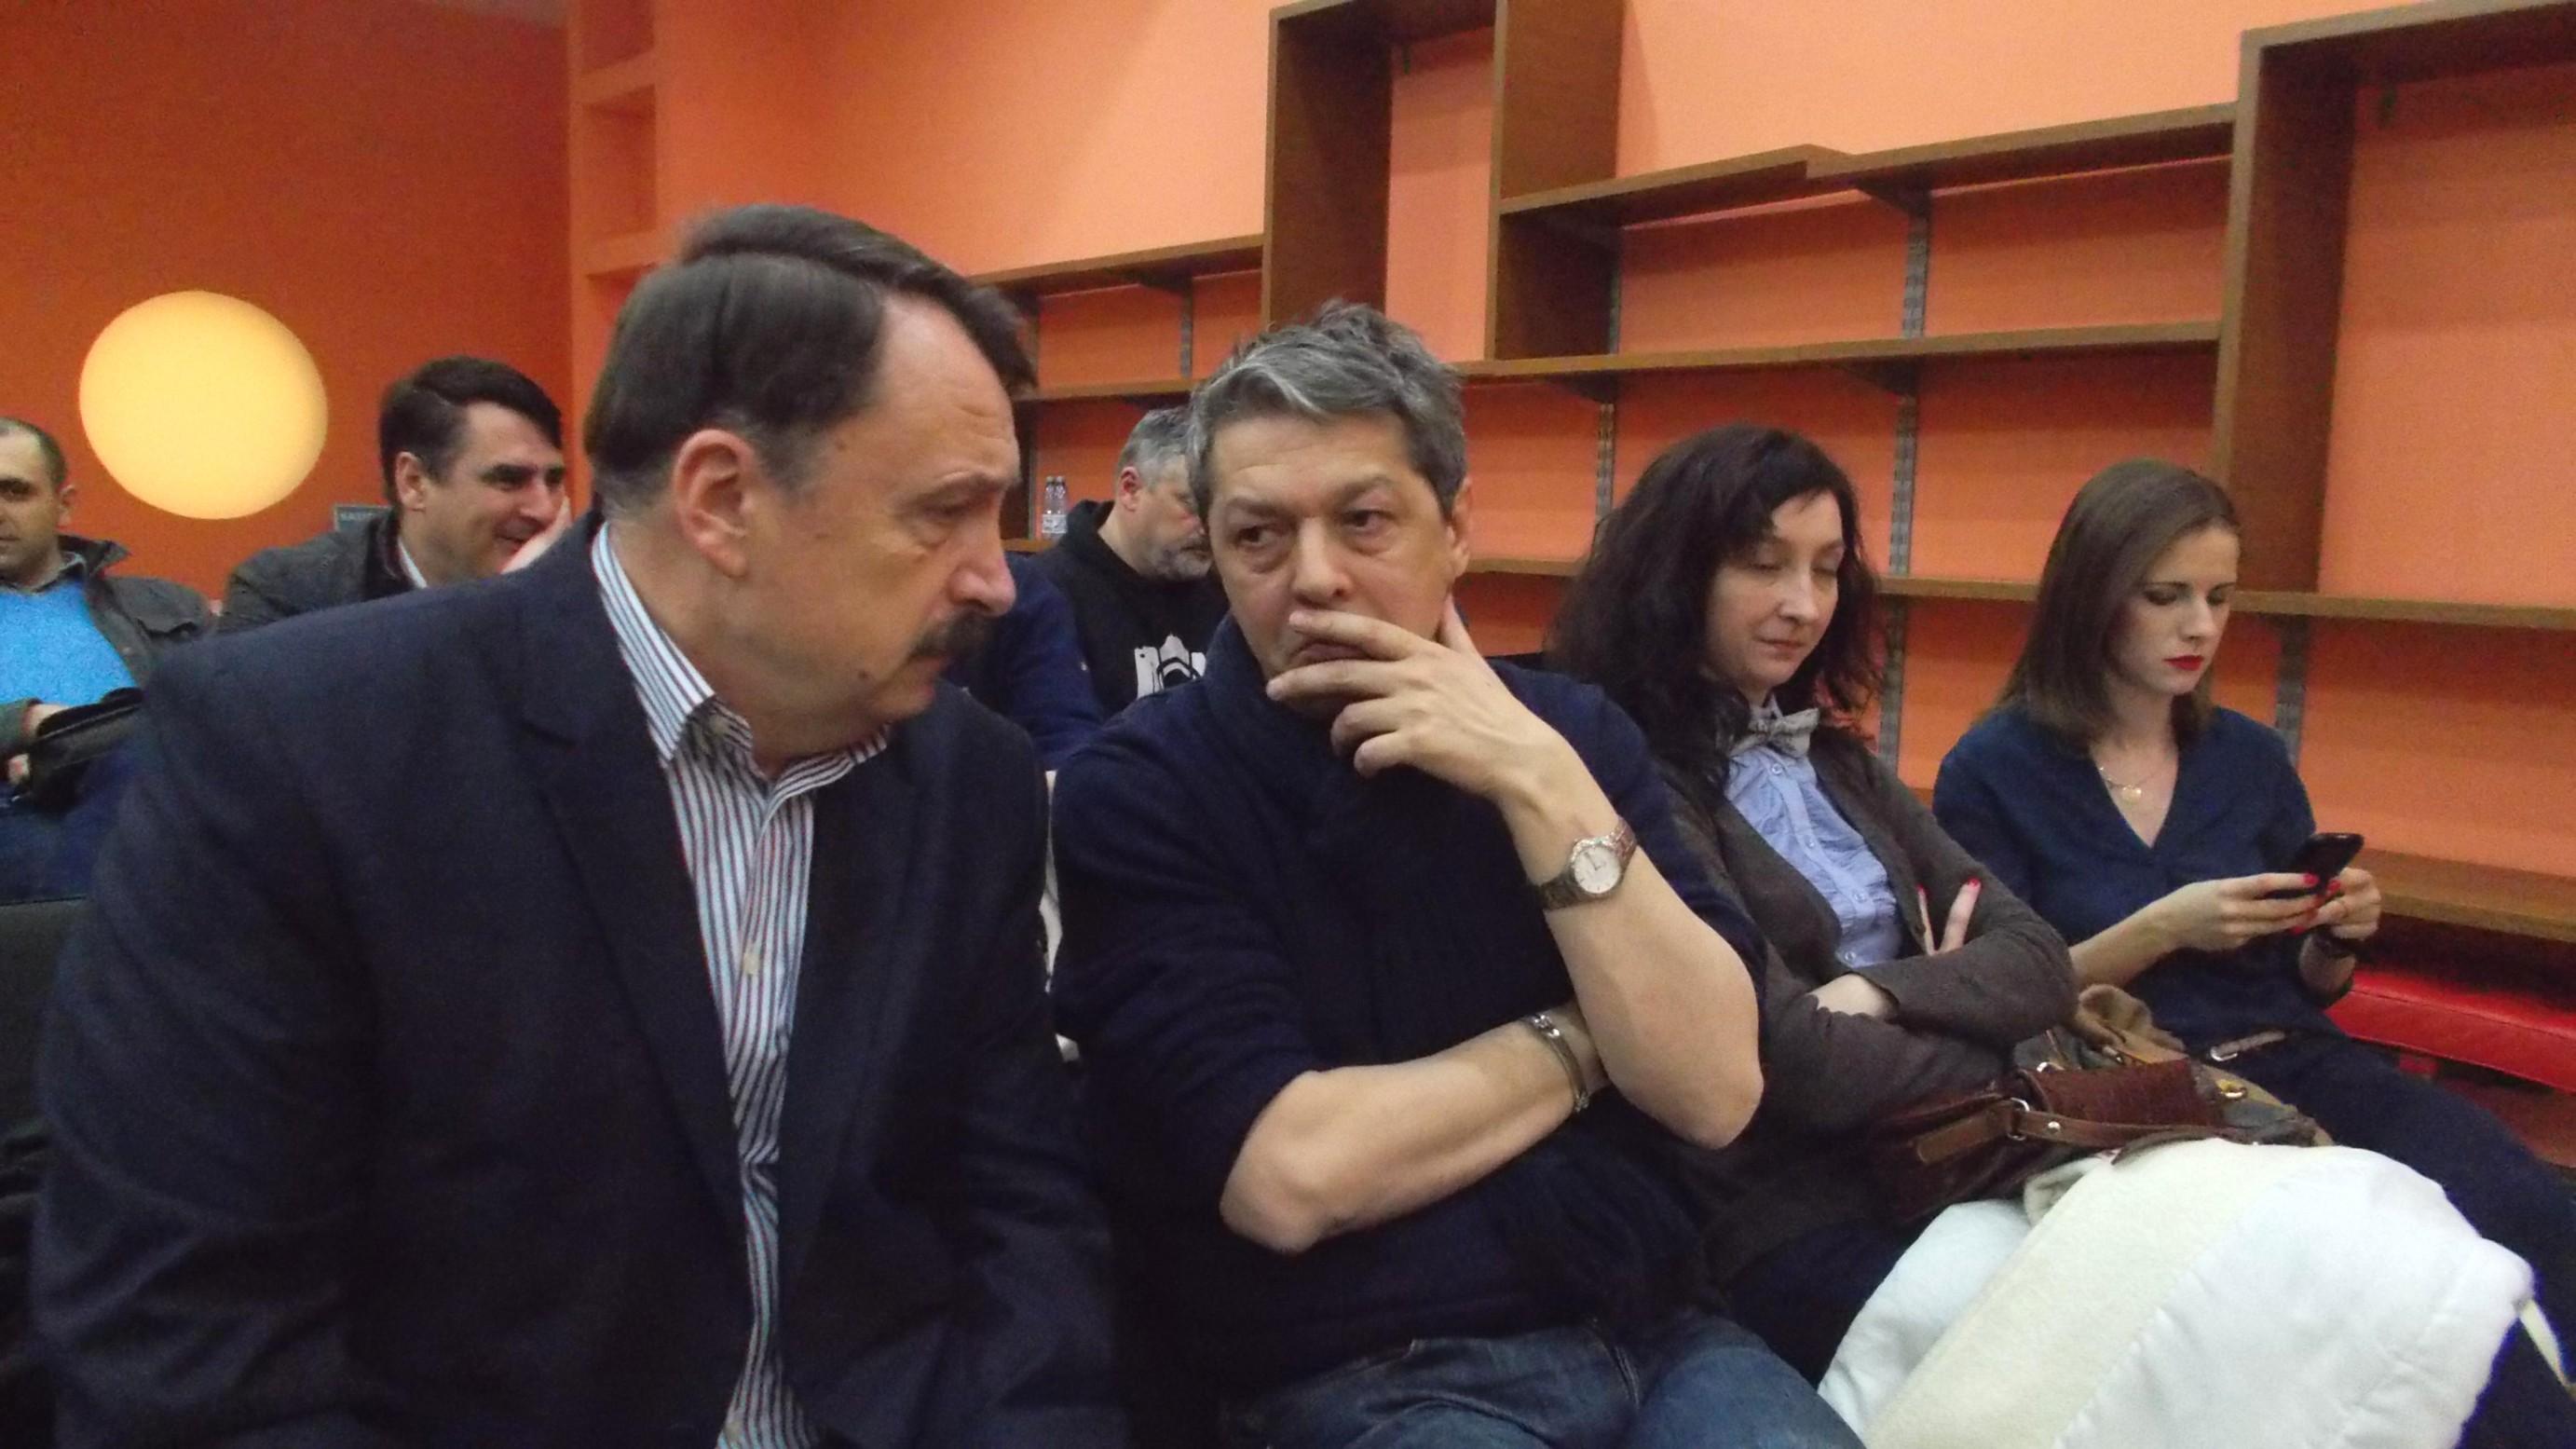 Vasile Ilie, Sorin Avram, prietena lui Sorin şi Cătălina Biholar